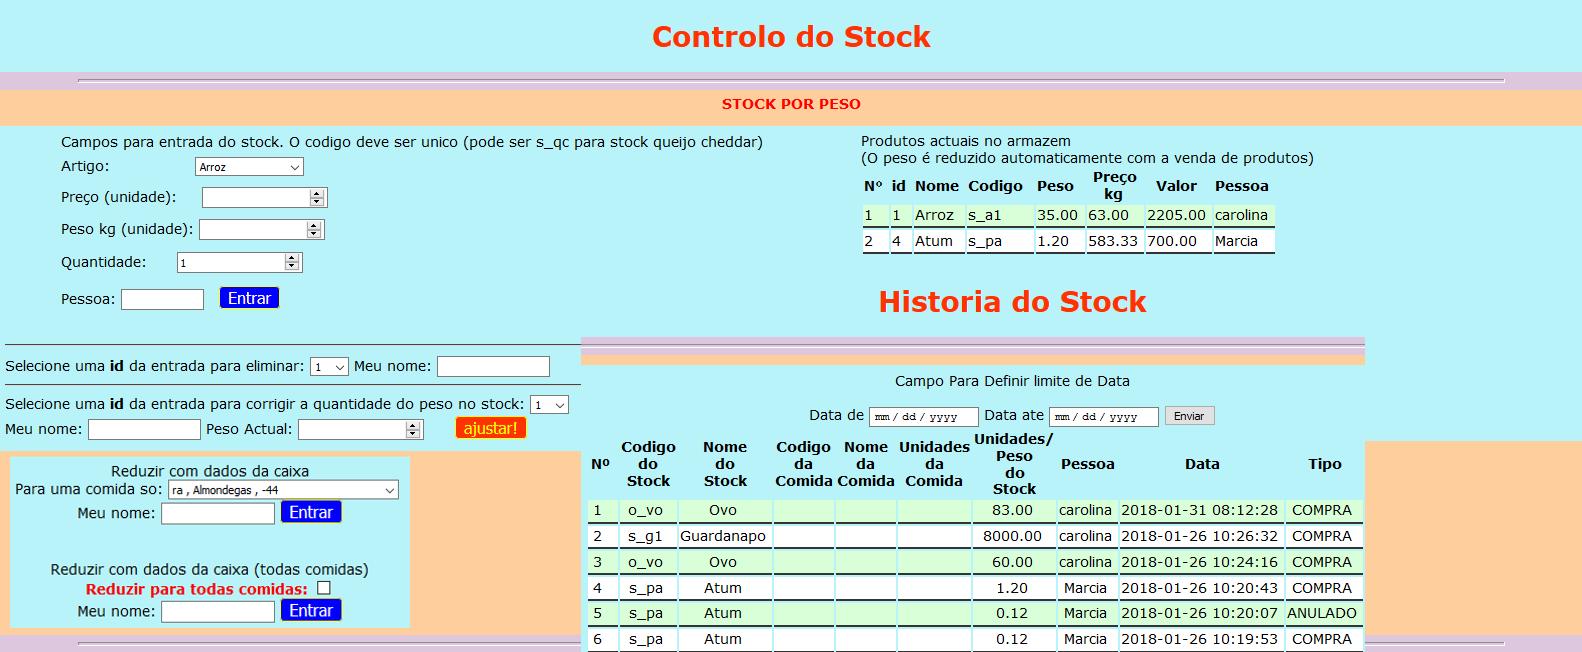 Controle de Stock